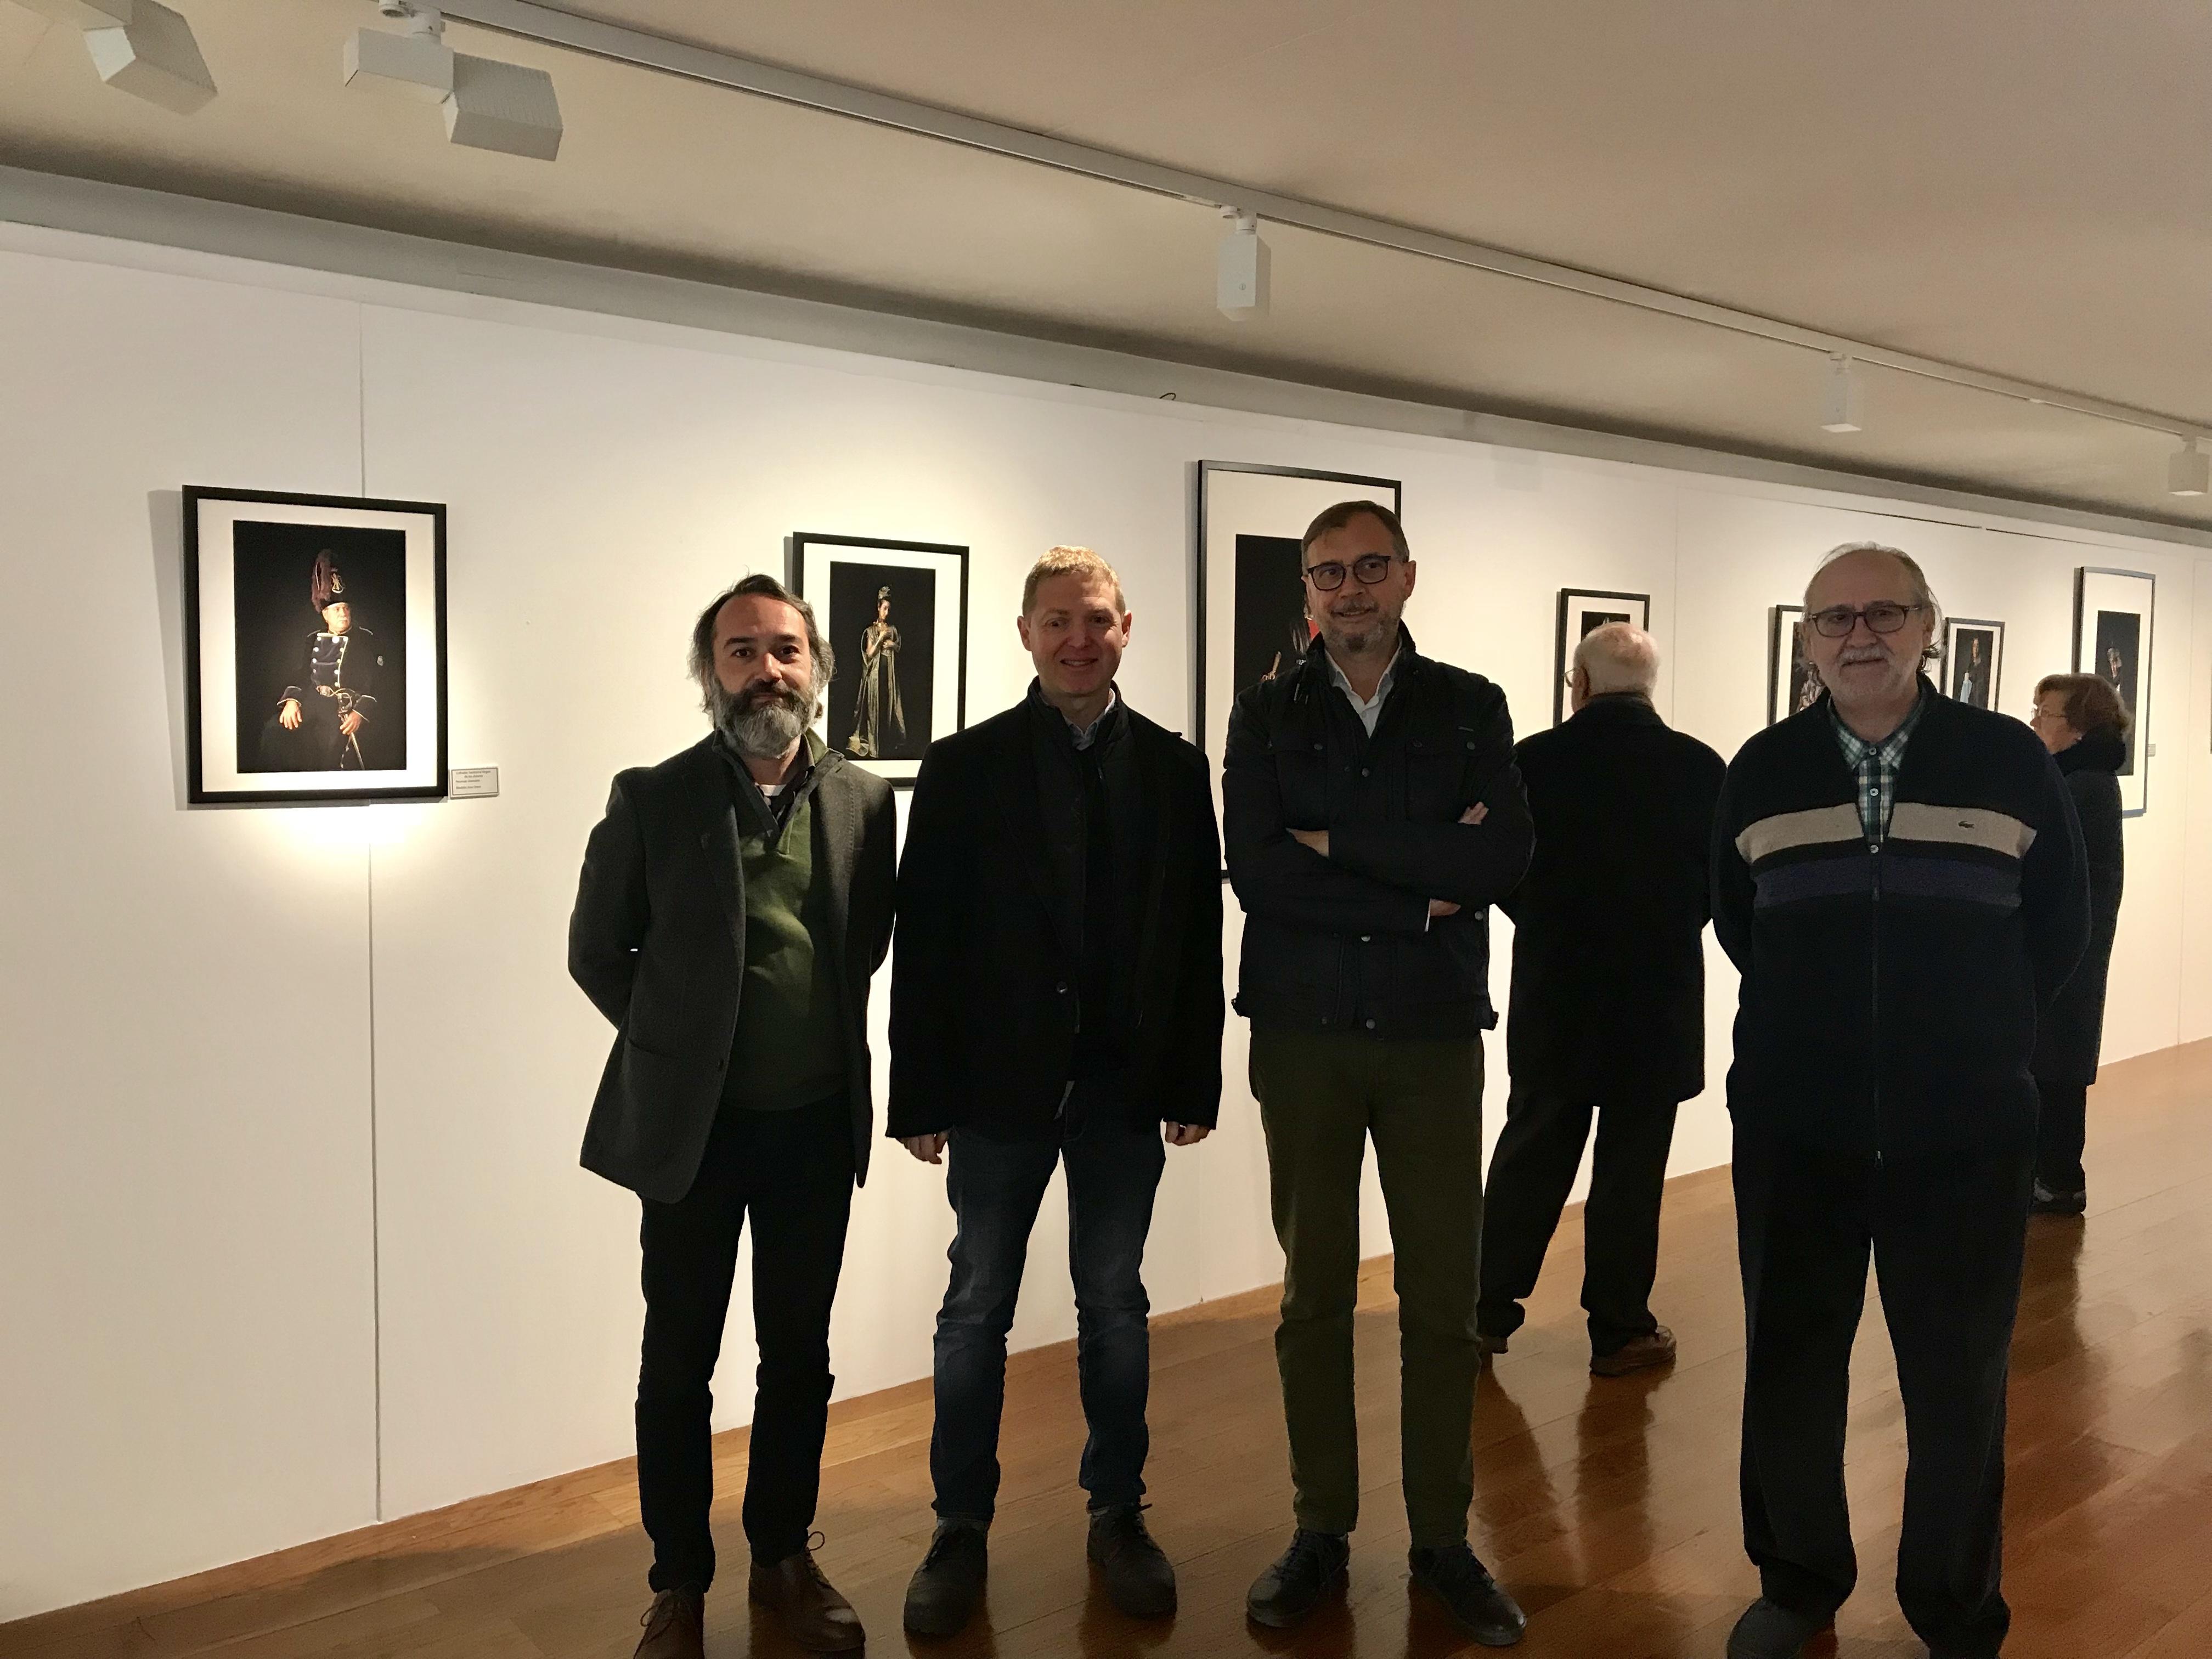 """El Institut Valencià de Cultura inaugura la exposición fotográfica """"Colección Semana Santa Arte"""" en el Museo de Bellas Artes de Castellón"""